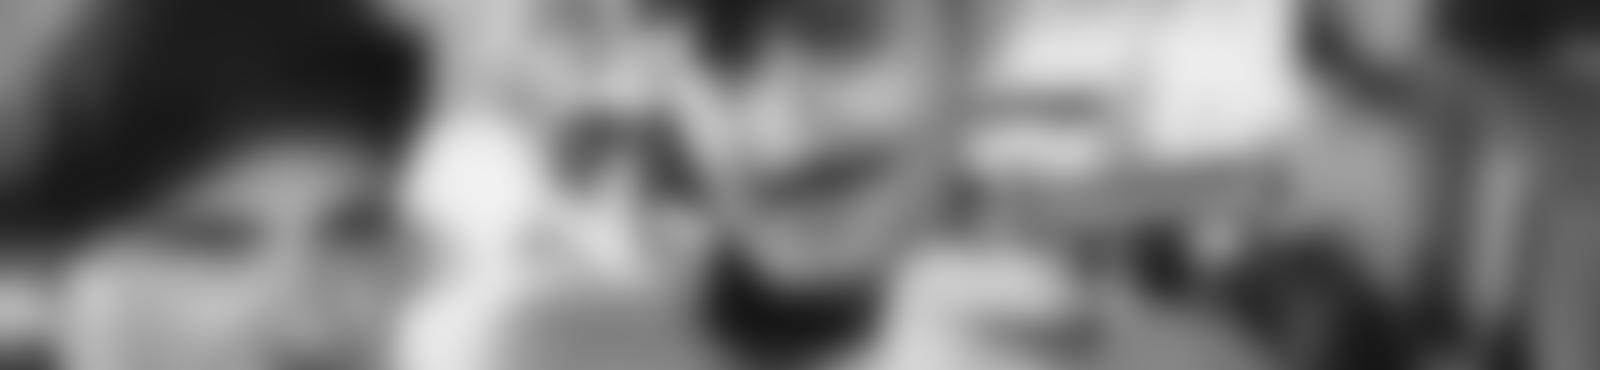 Blurred c611e105 f16c 46f1 a419 a49ecc1acfab